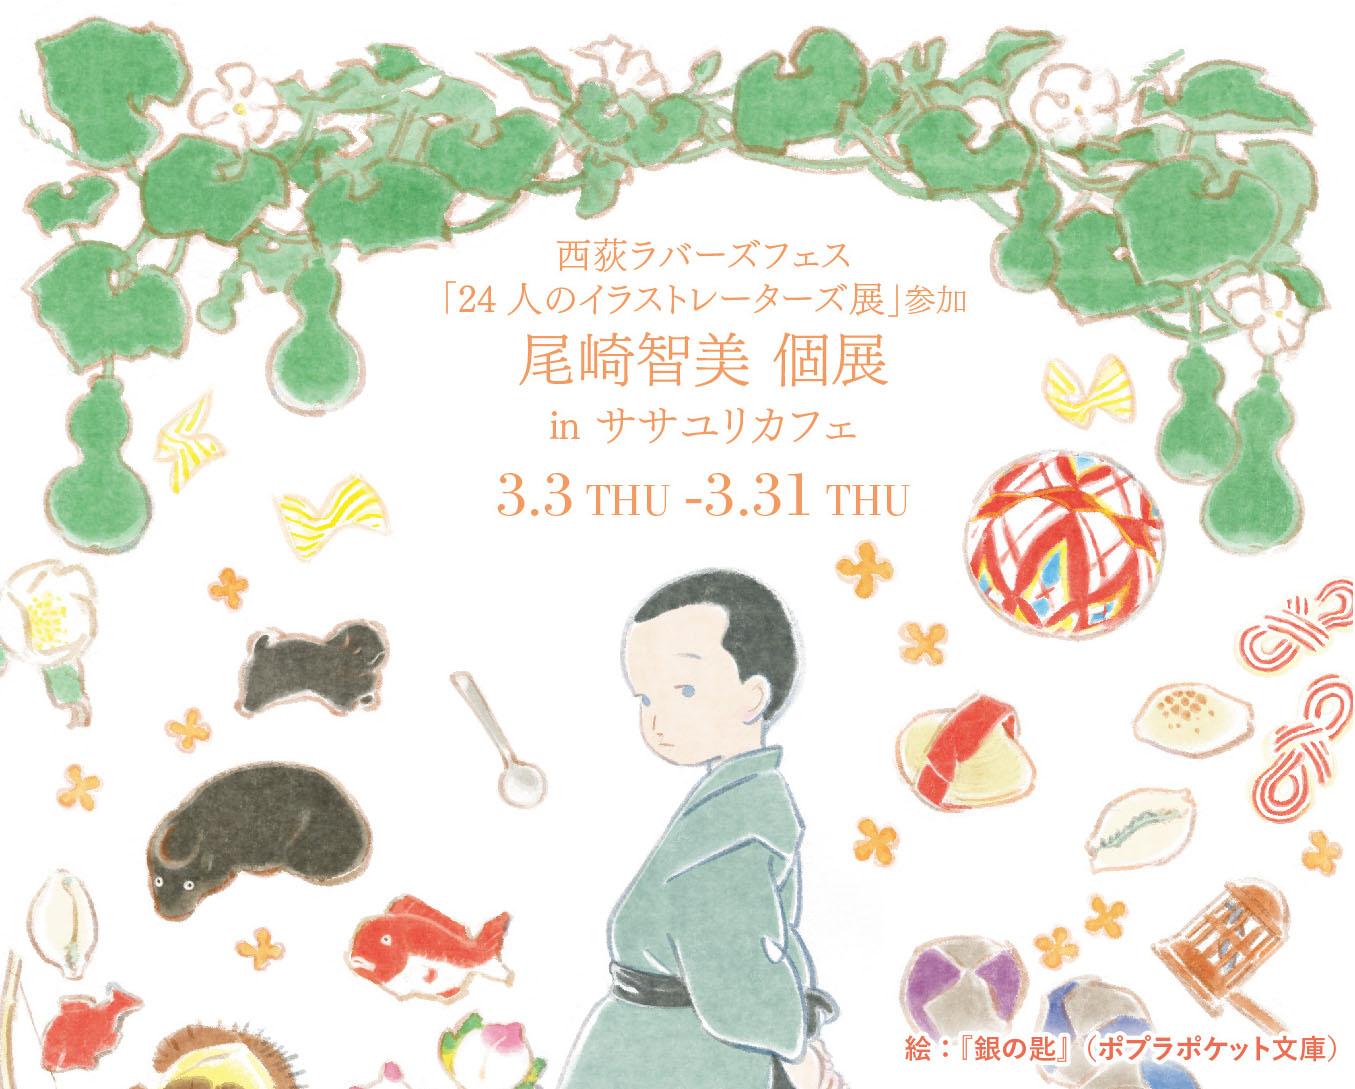 【東京】尾崎智美 個展 in ササユリカフェ:2016年3月3日(木)~3月31日(木)